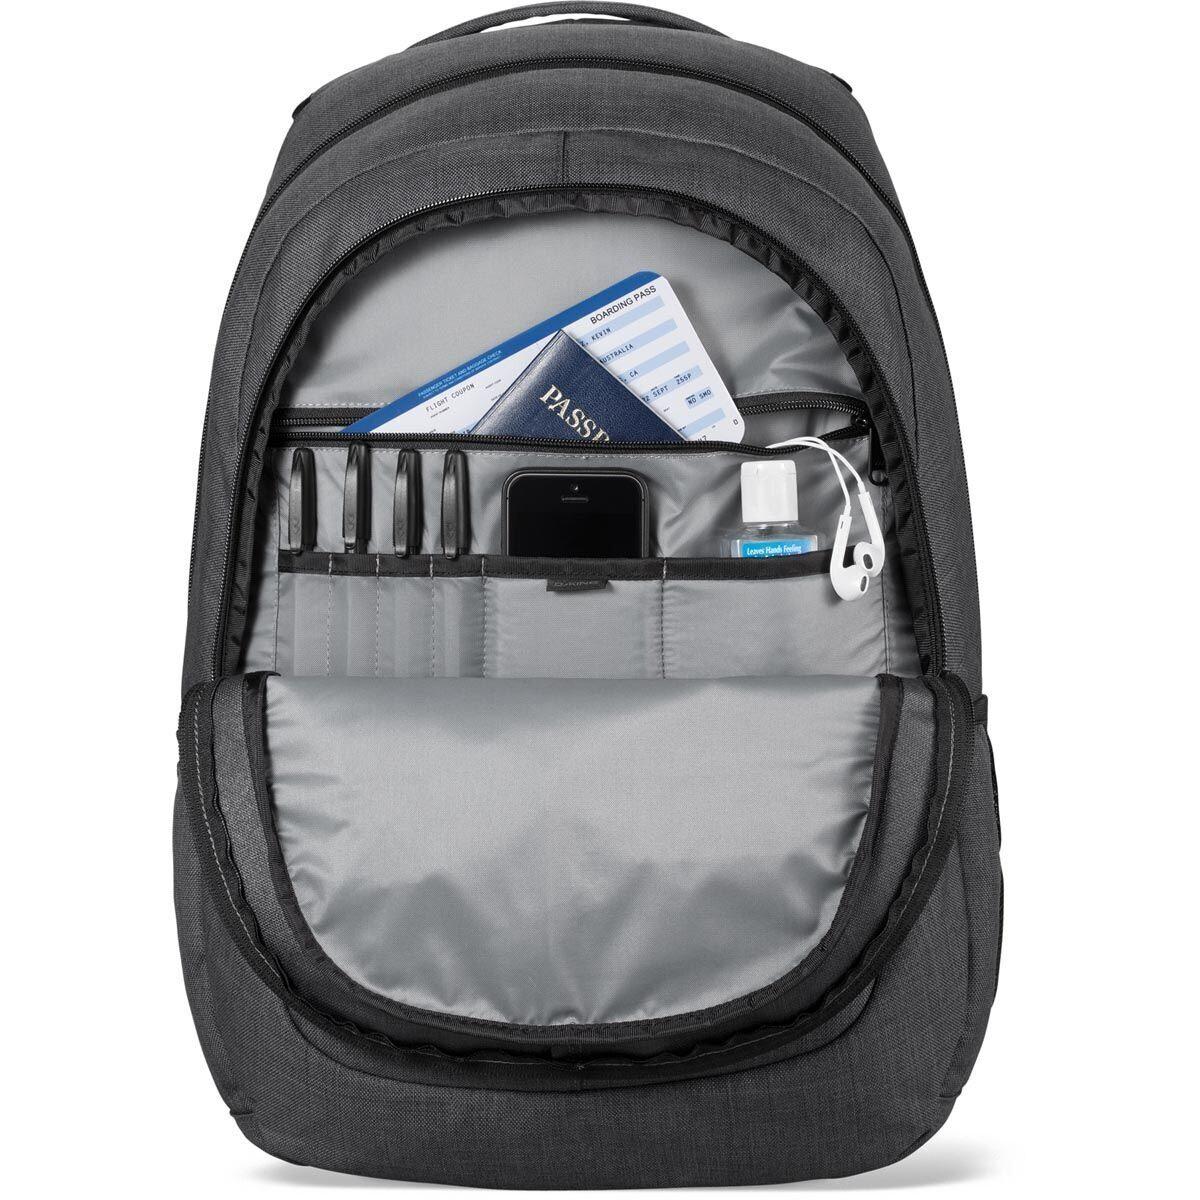 Рюкзак dikaine холодильный проезд 3 что лучше эрго рюкзак или май слинг